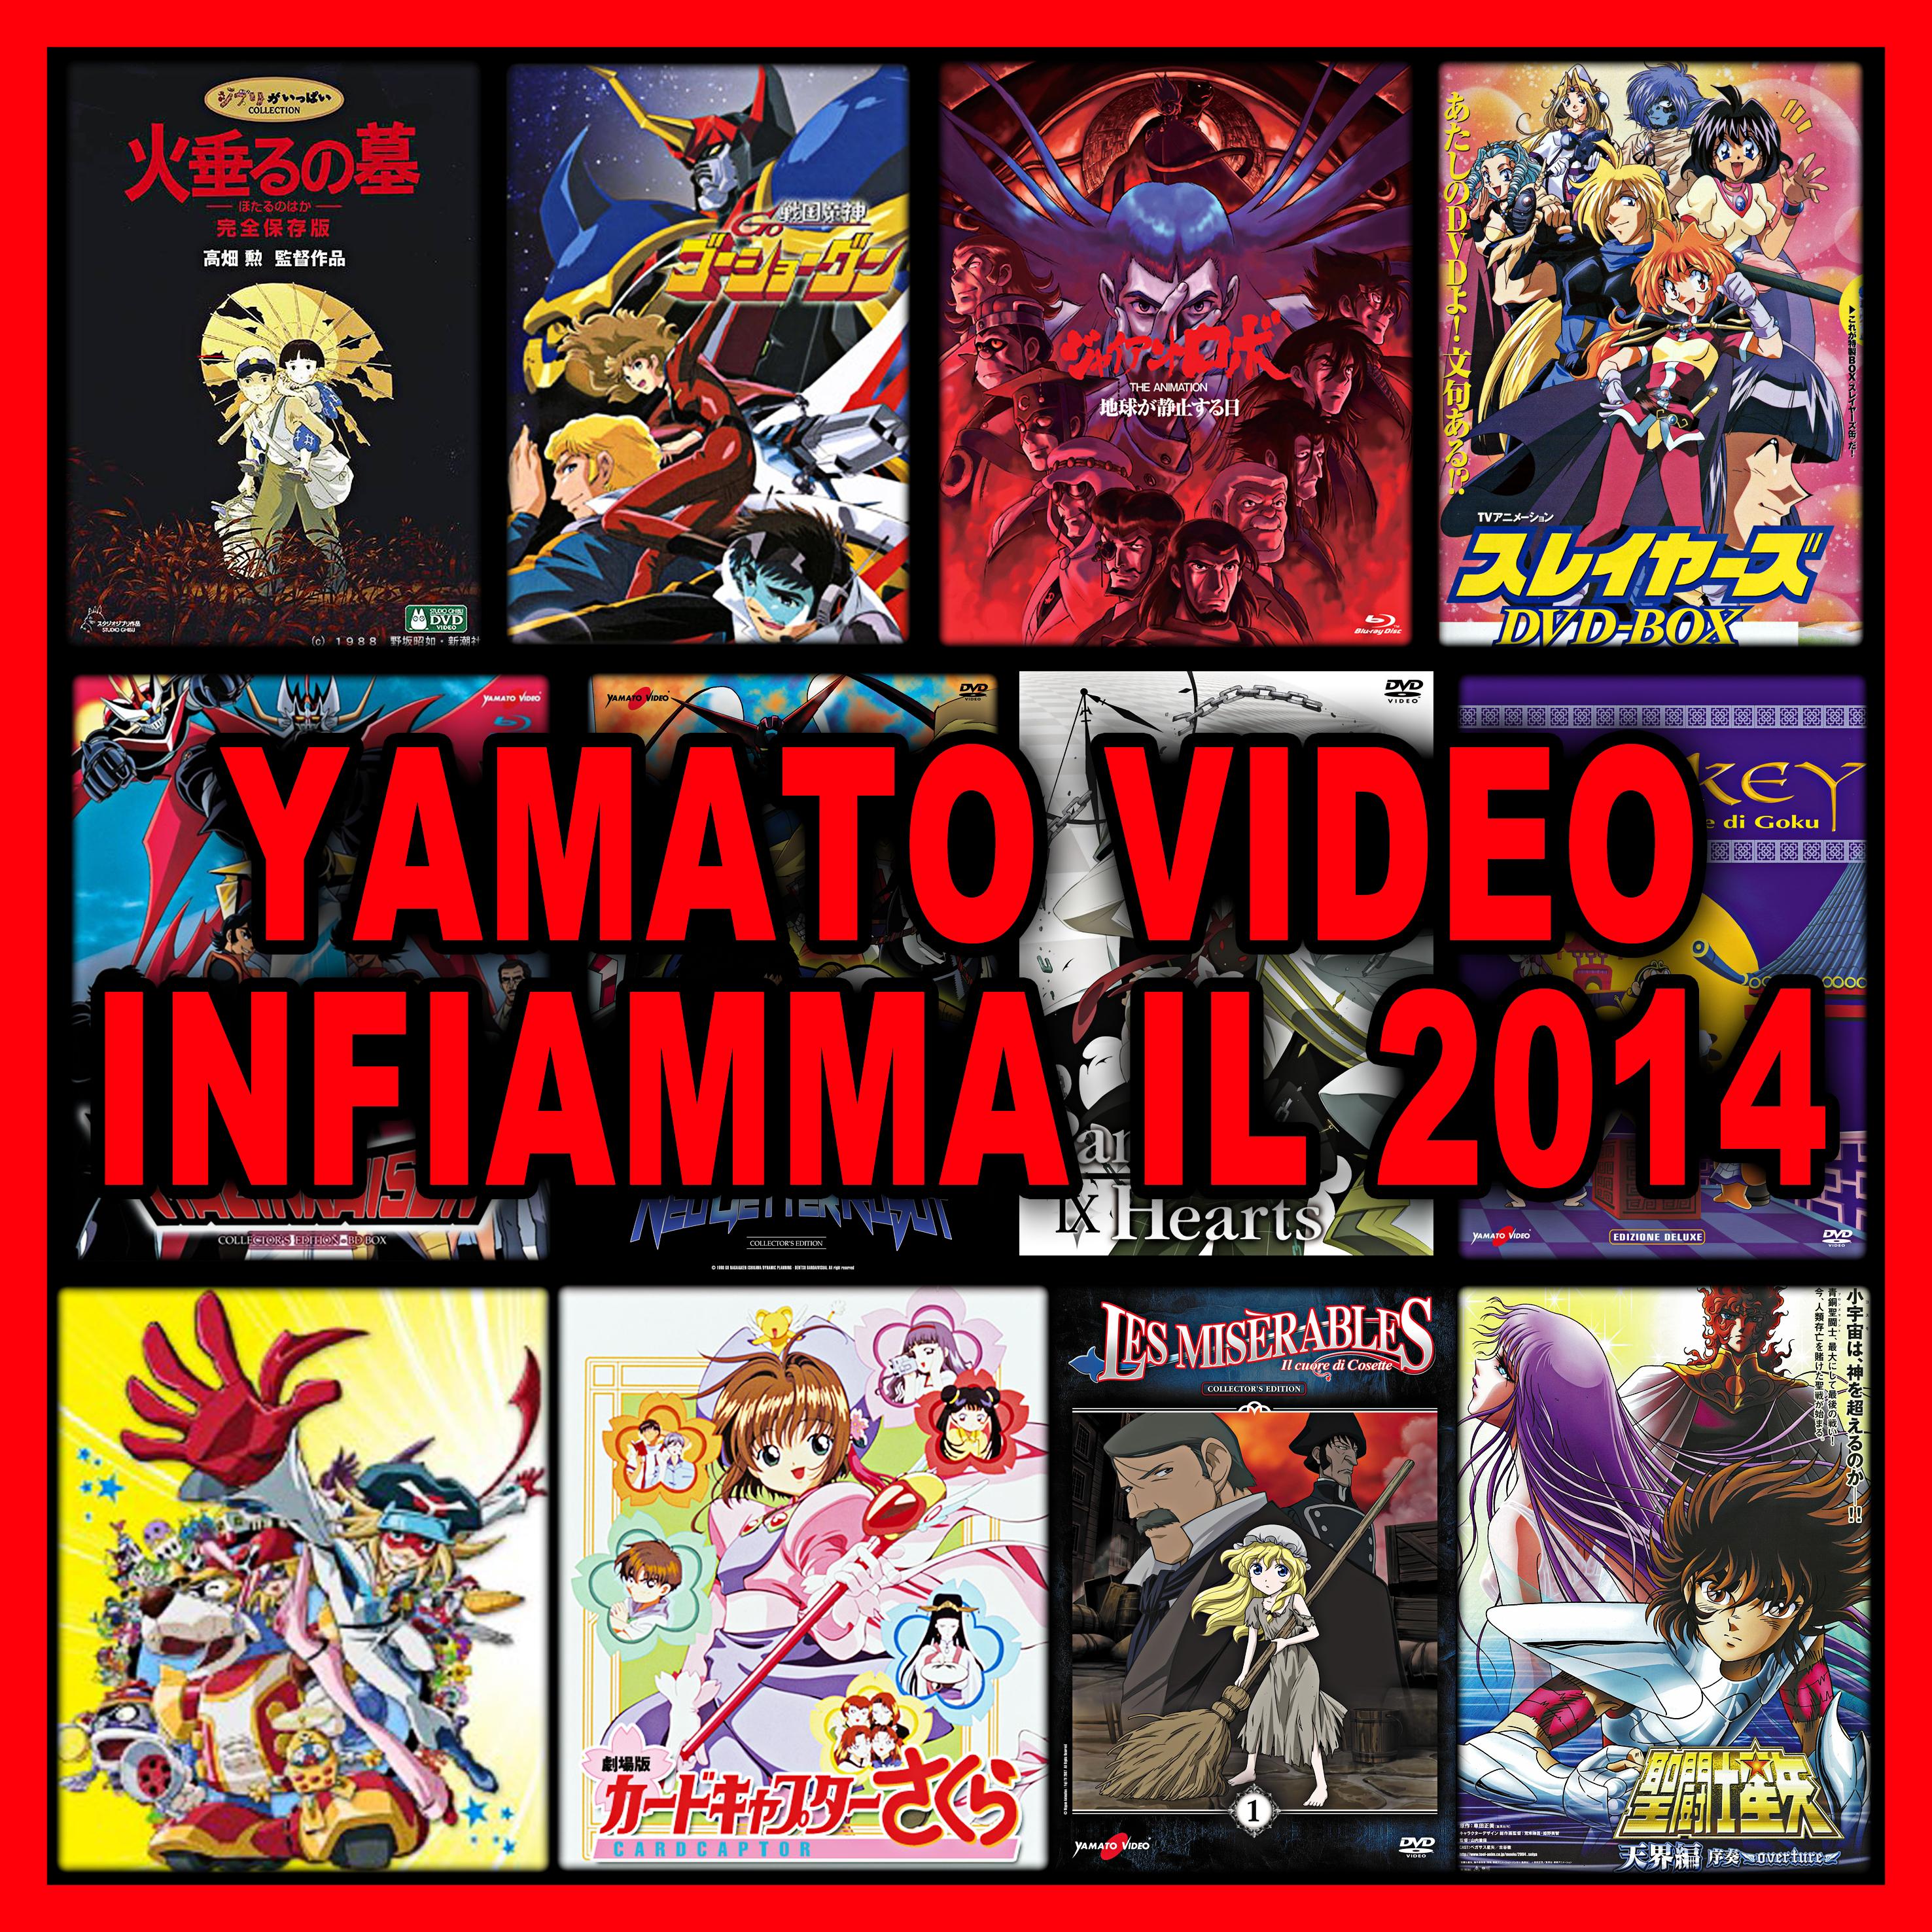 yamato 2014